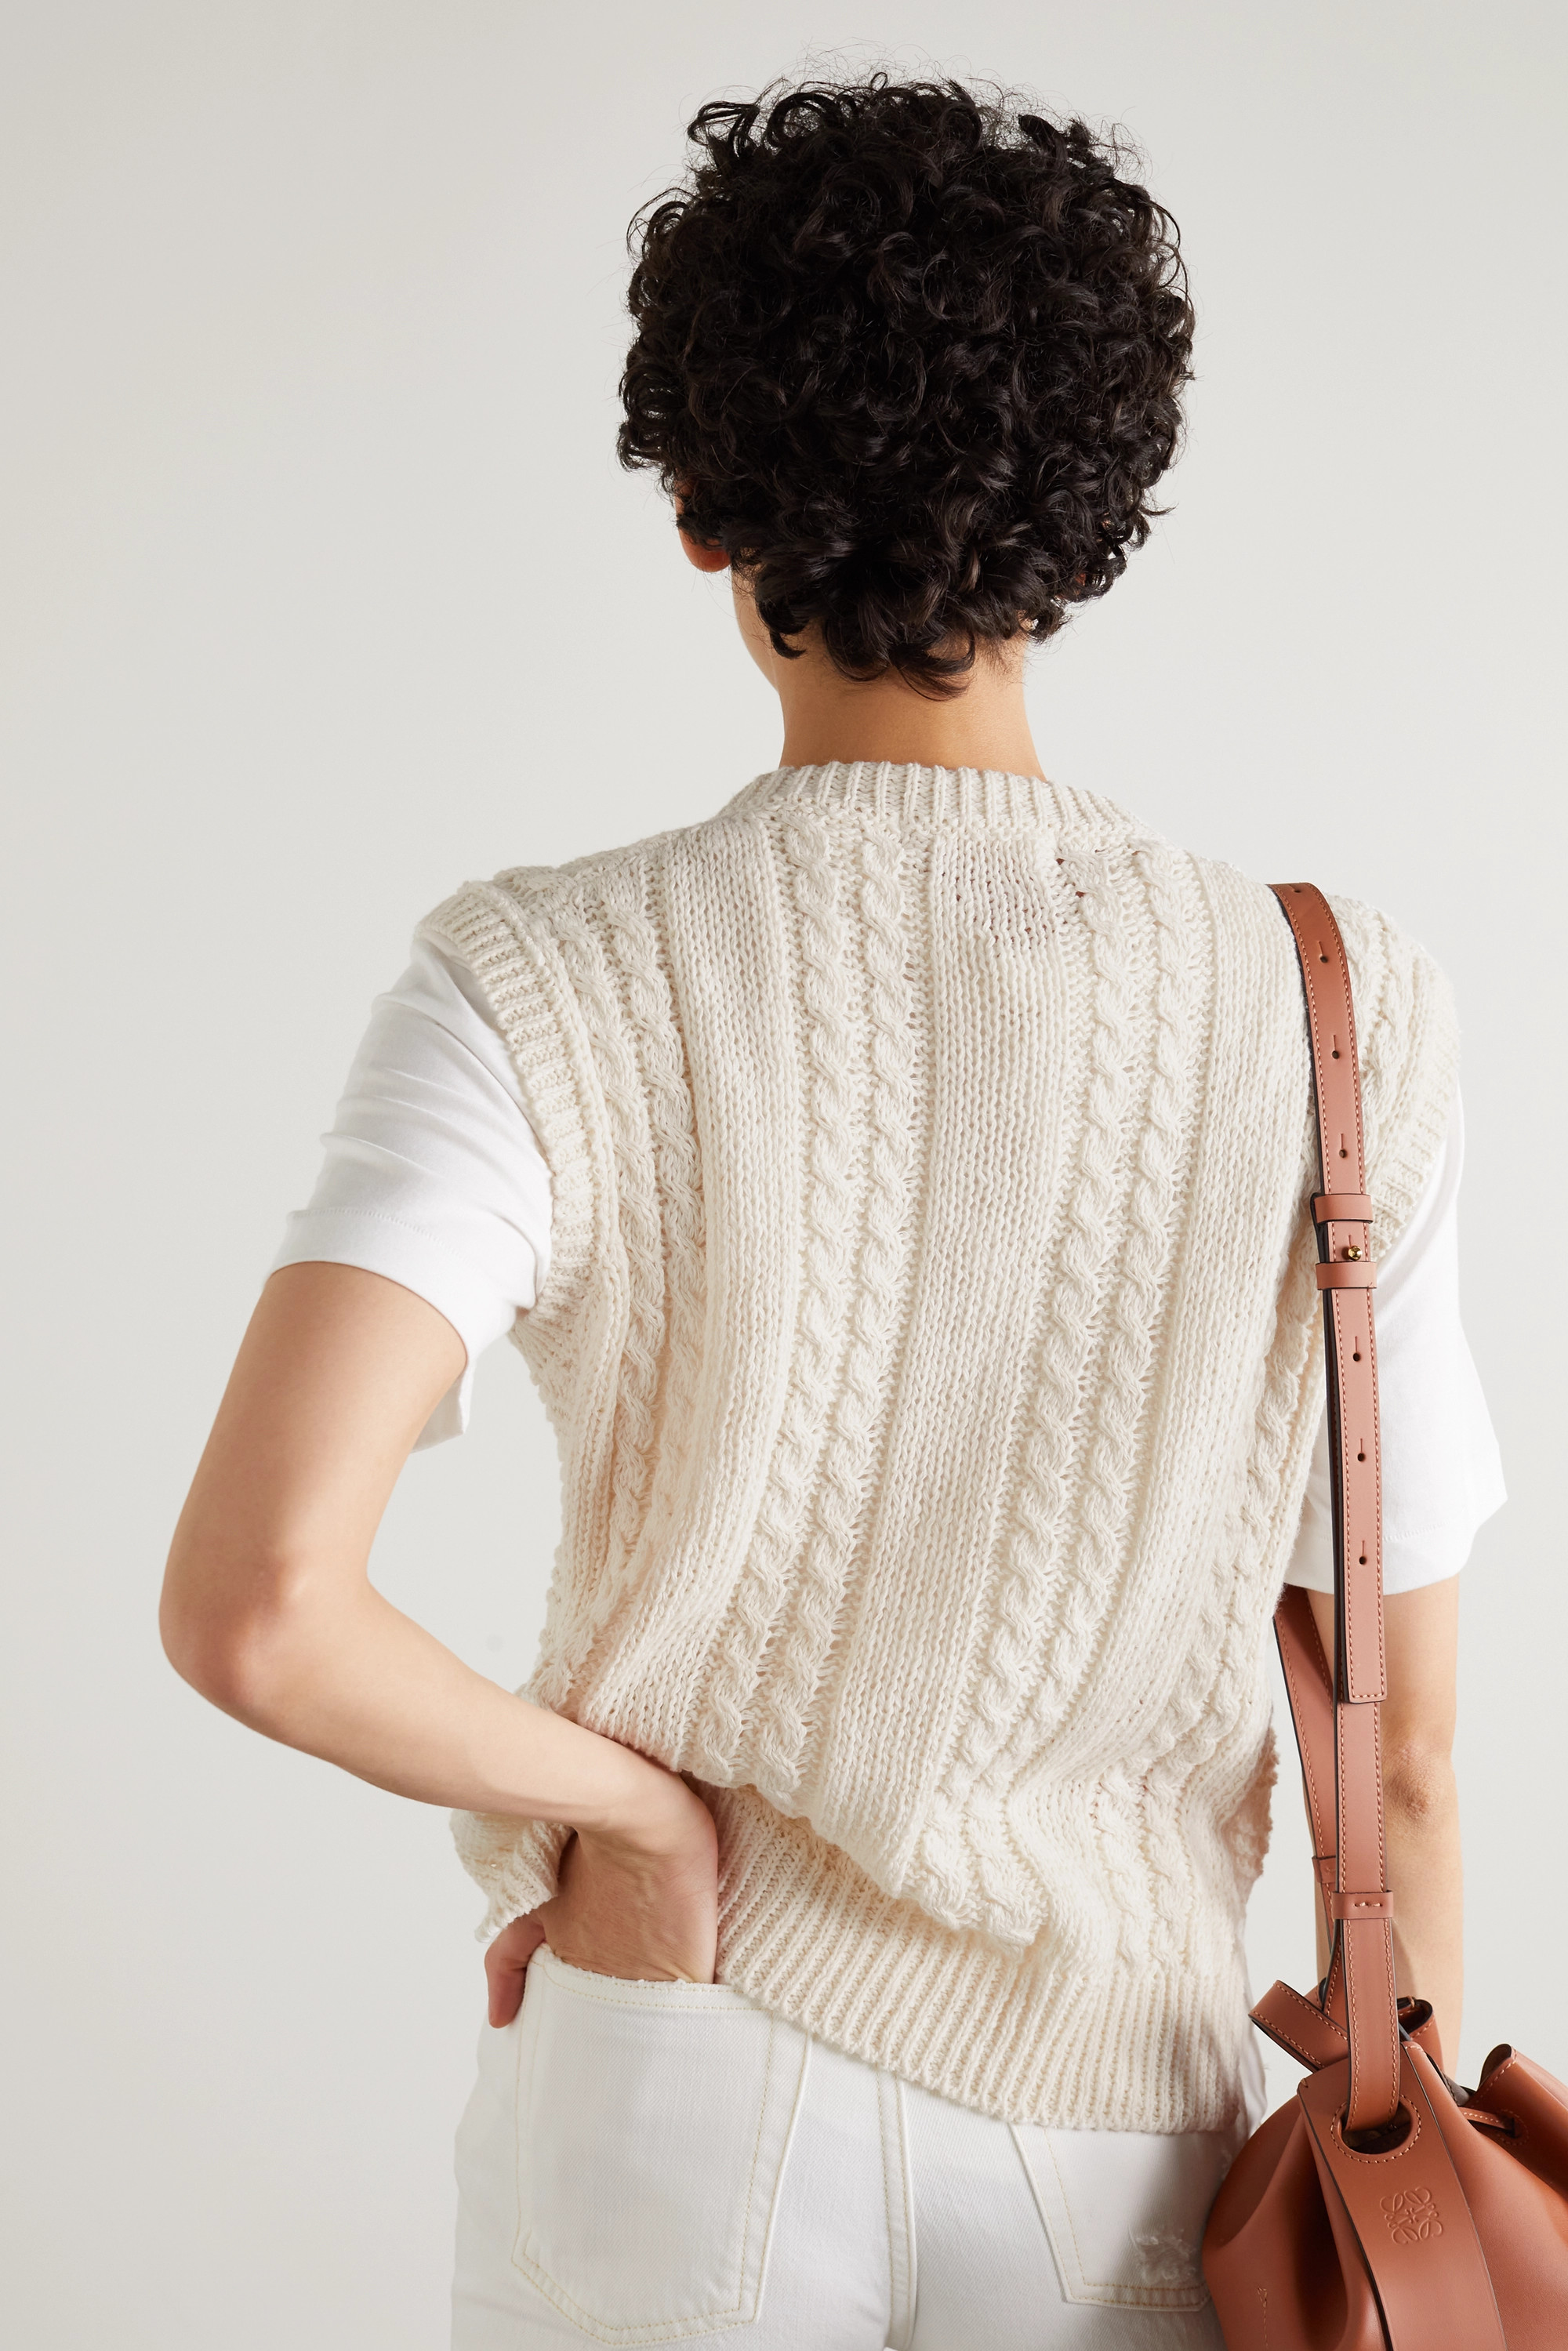 &Daughter + NET SUSTAIN ärmelloser Pullover aus einer Leinen-Baumwollmischung in Zopfstrick